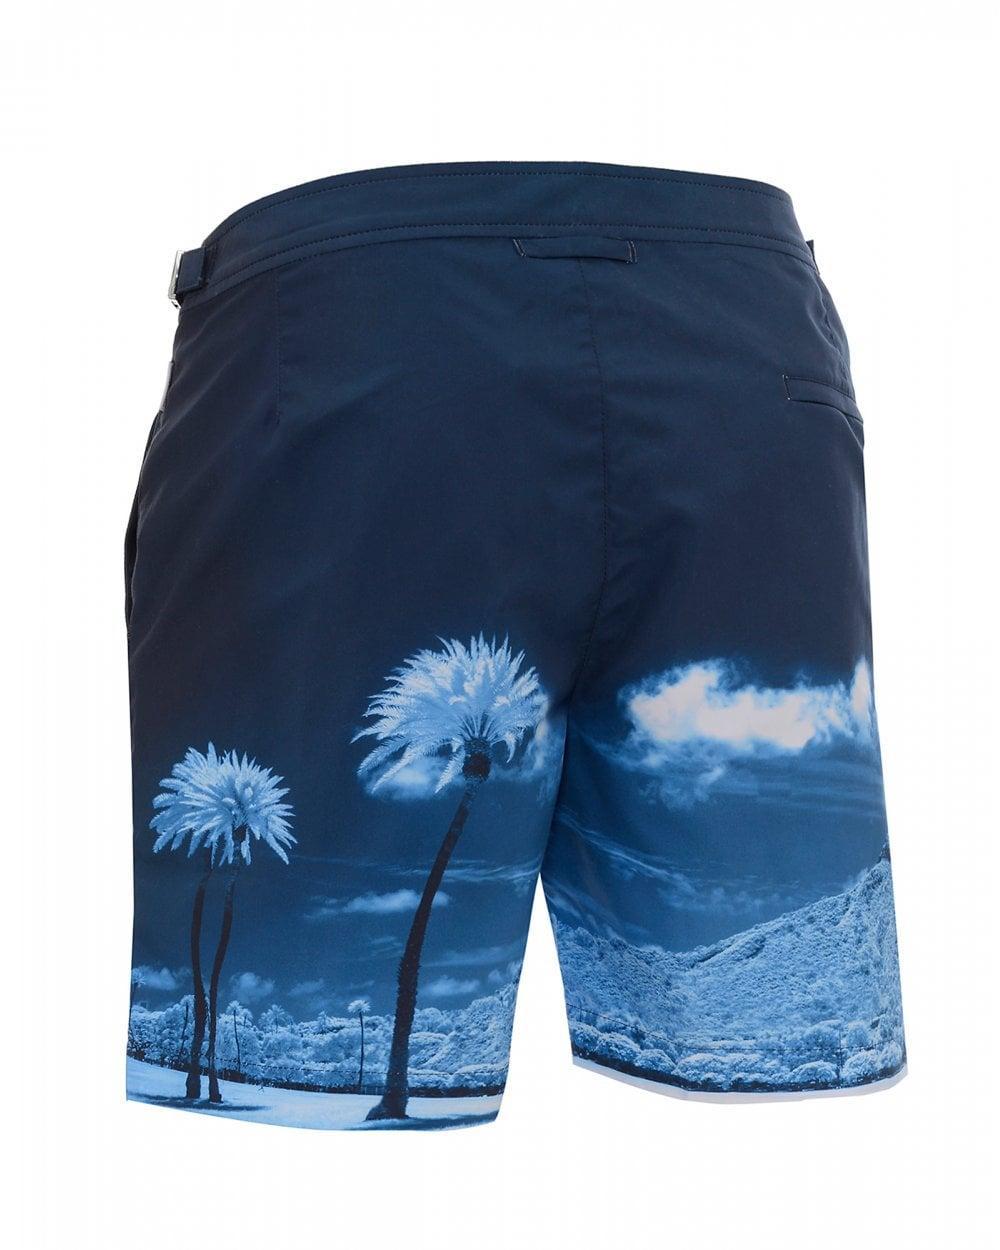 79072349199 Lyst - Orlebar Brown Bulldog Blue Palms Swimshorts, Mid-length Swimming  Trunks in Blue for Men